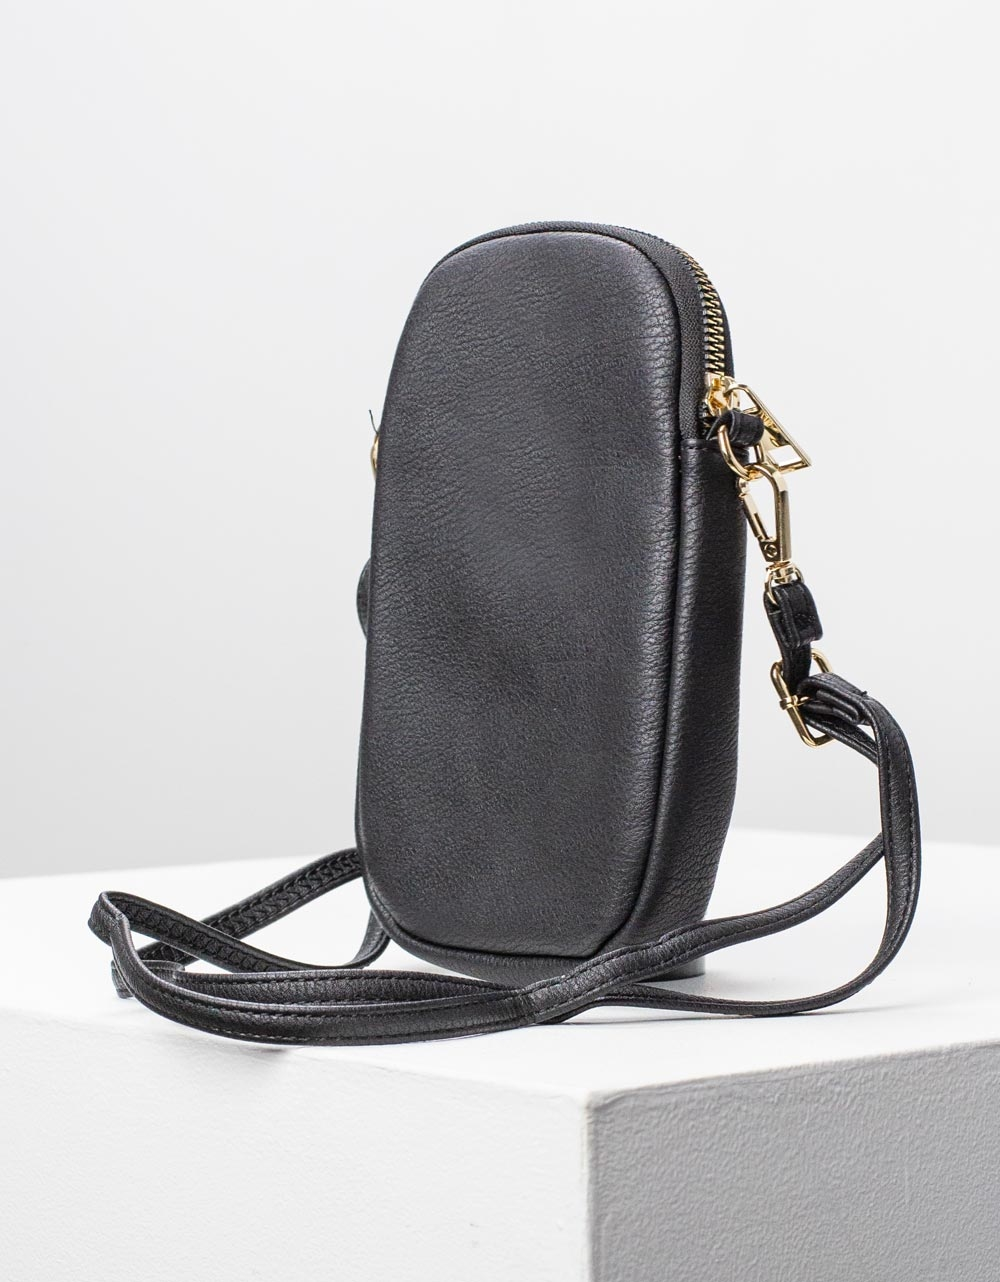 Εικόνα από Γυναικείο πορτοφόλι με λουράκι Μαύρο